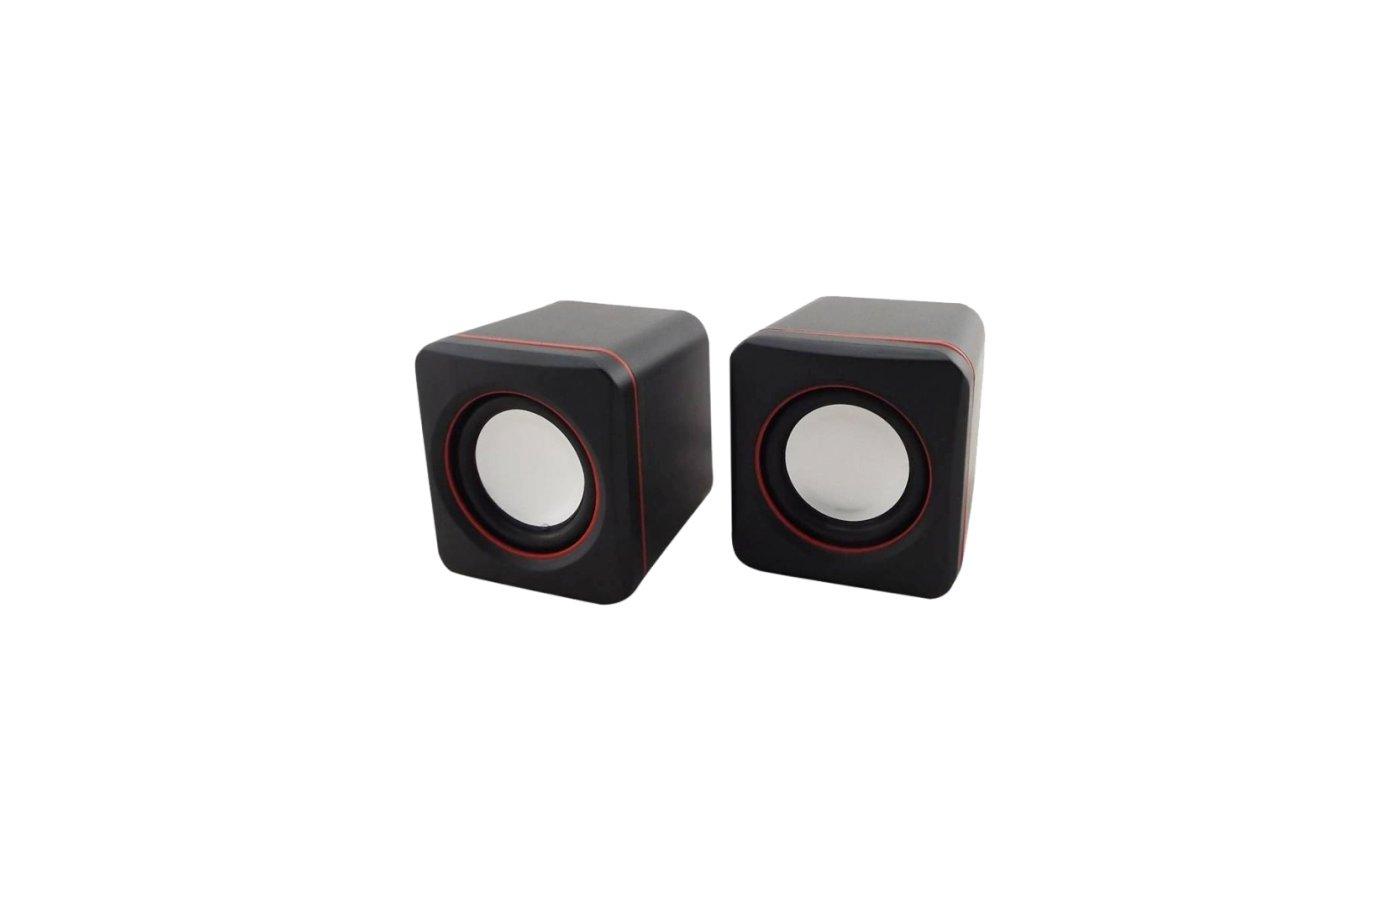 Компьютерные колонки Oklick OK-301 черный/красный 2.5Вт портативные